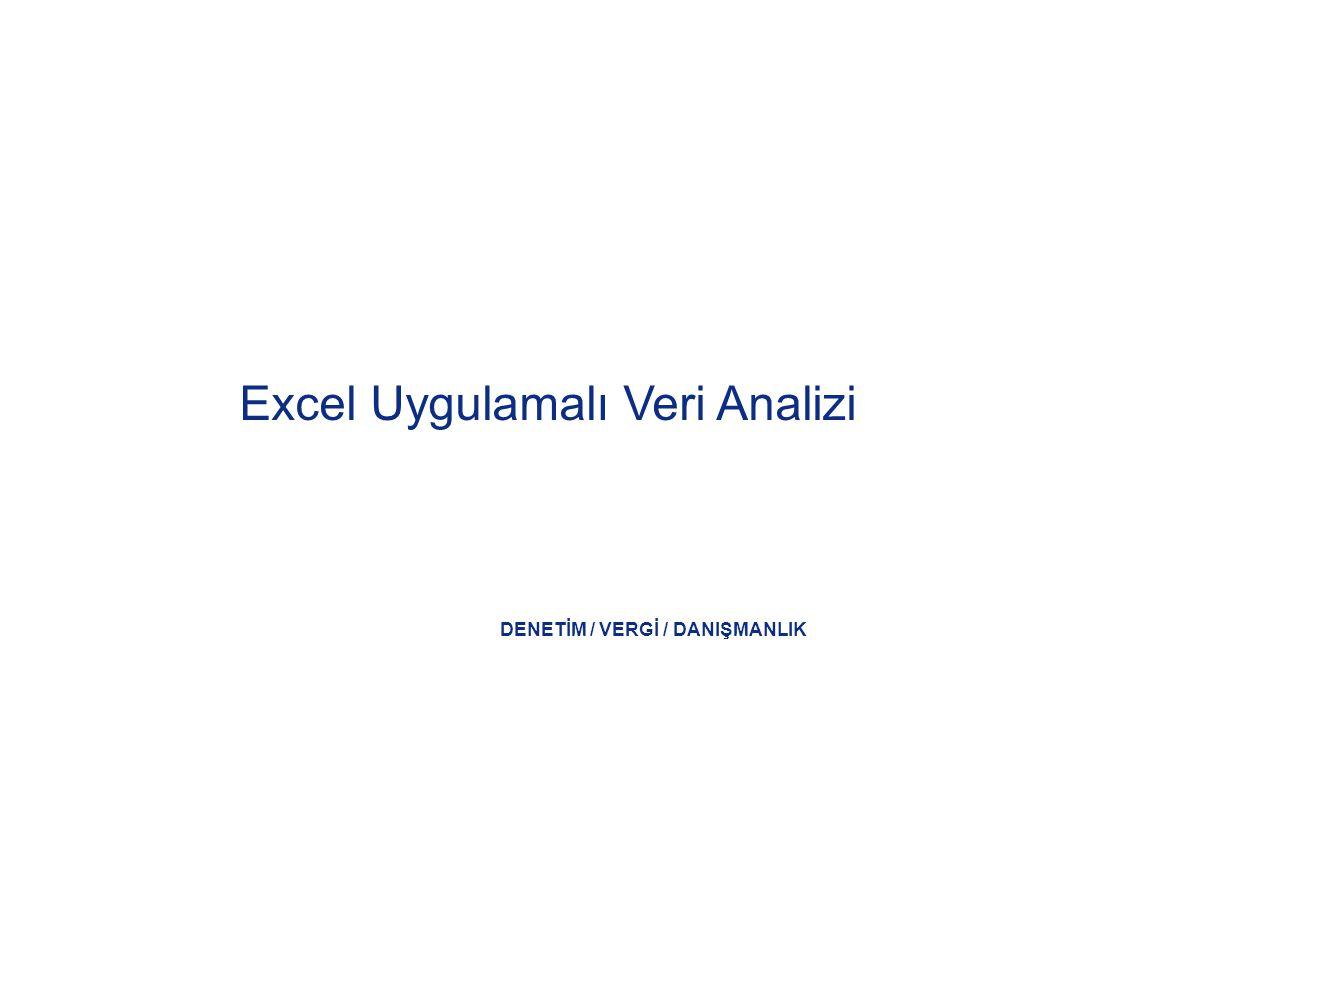 DENETİM / VERGİ / DANIŞMANLIK Excel Uygulamalı Veri Analizi